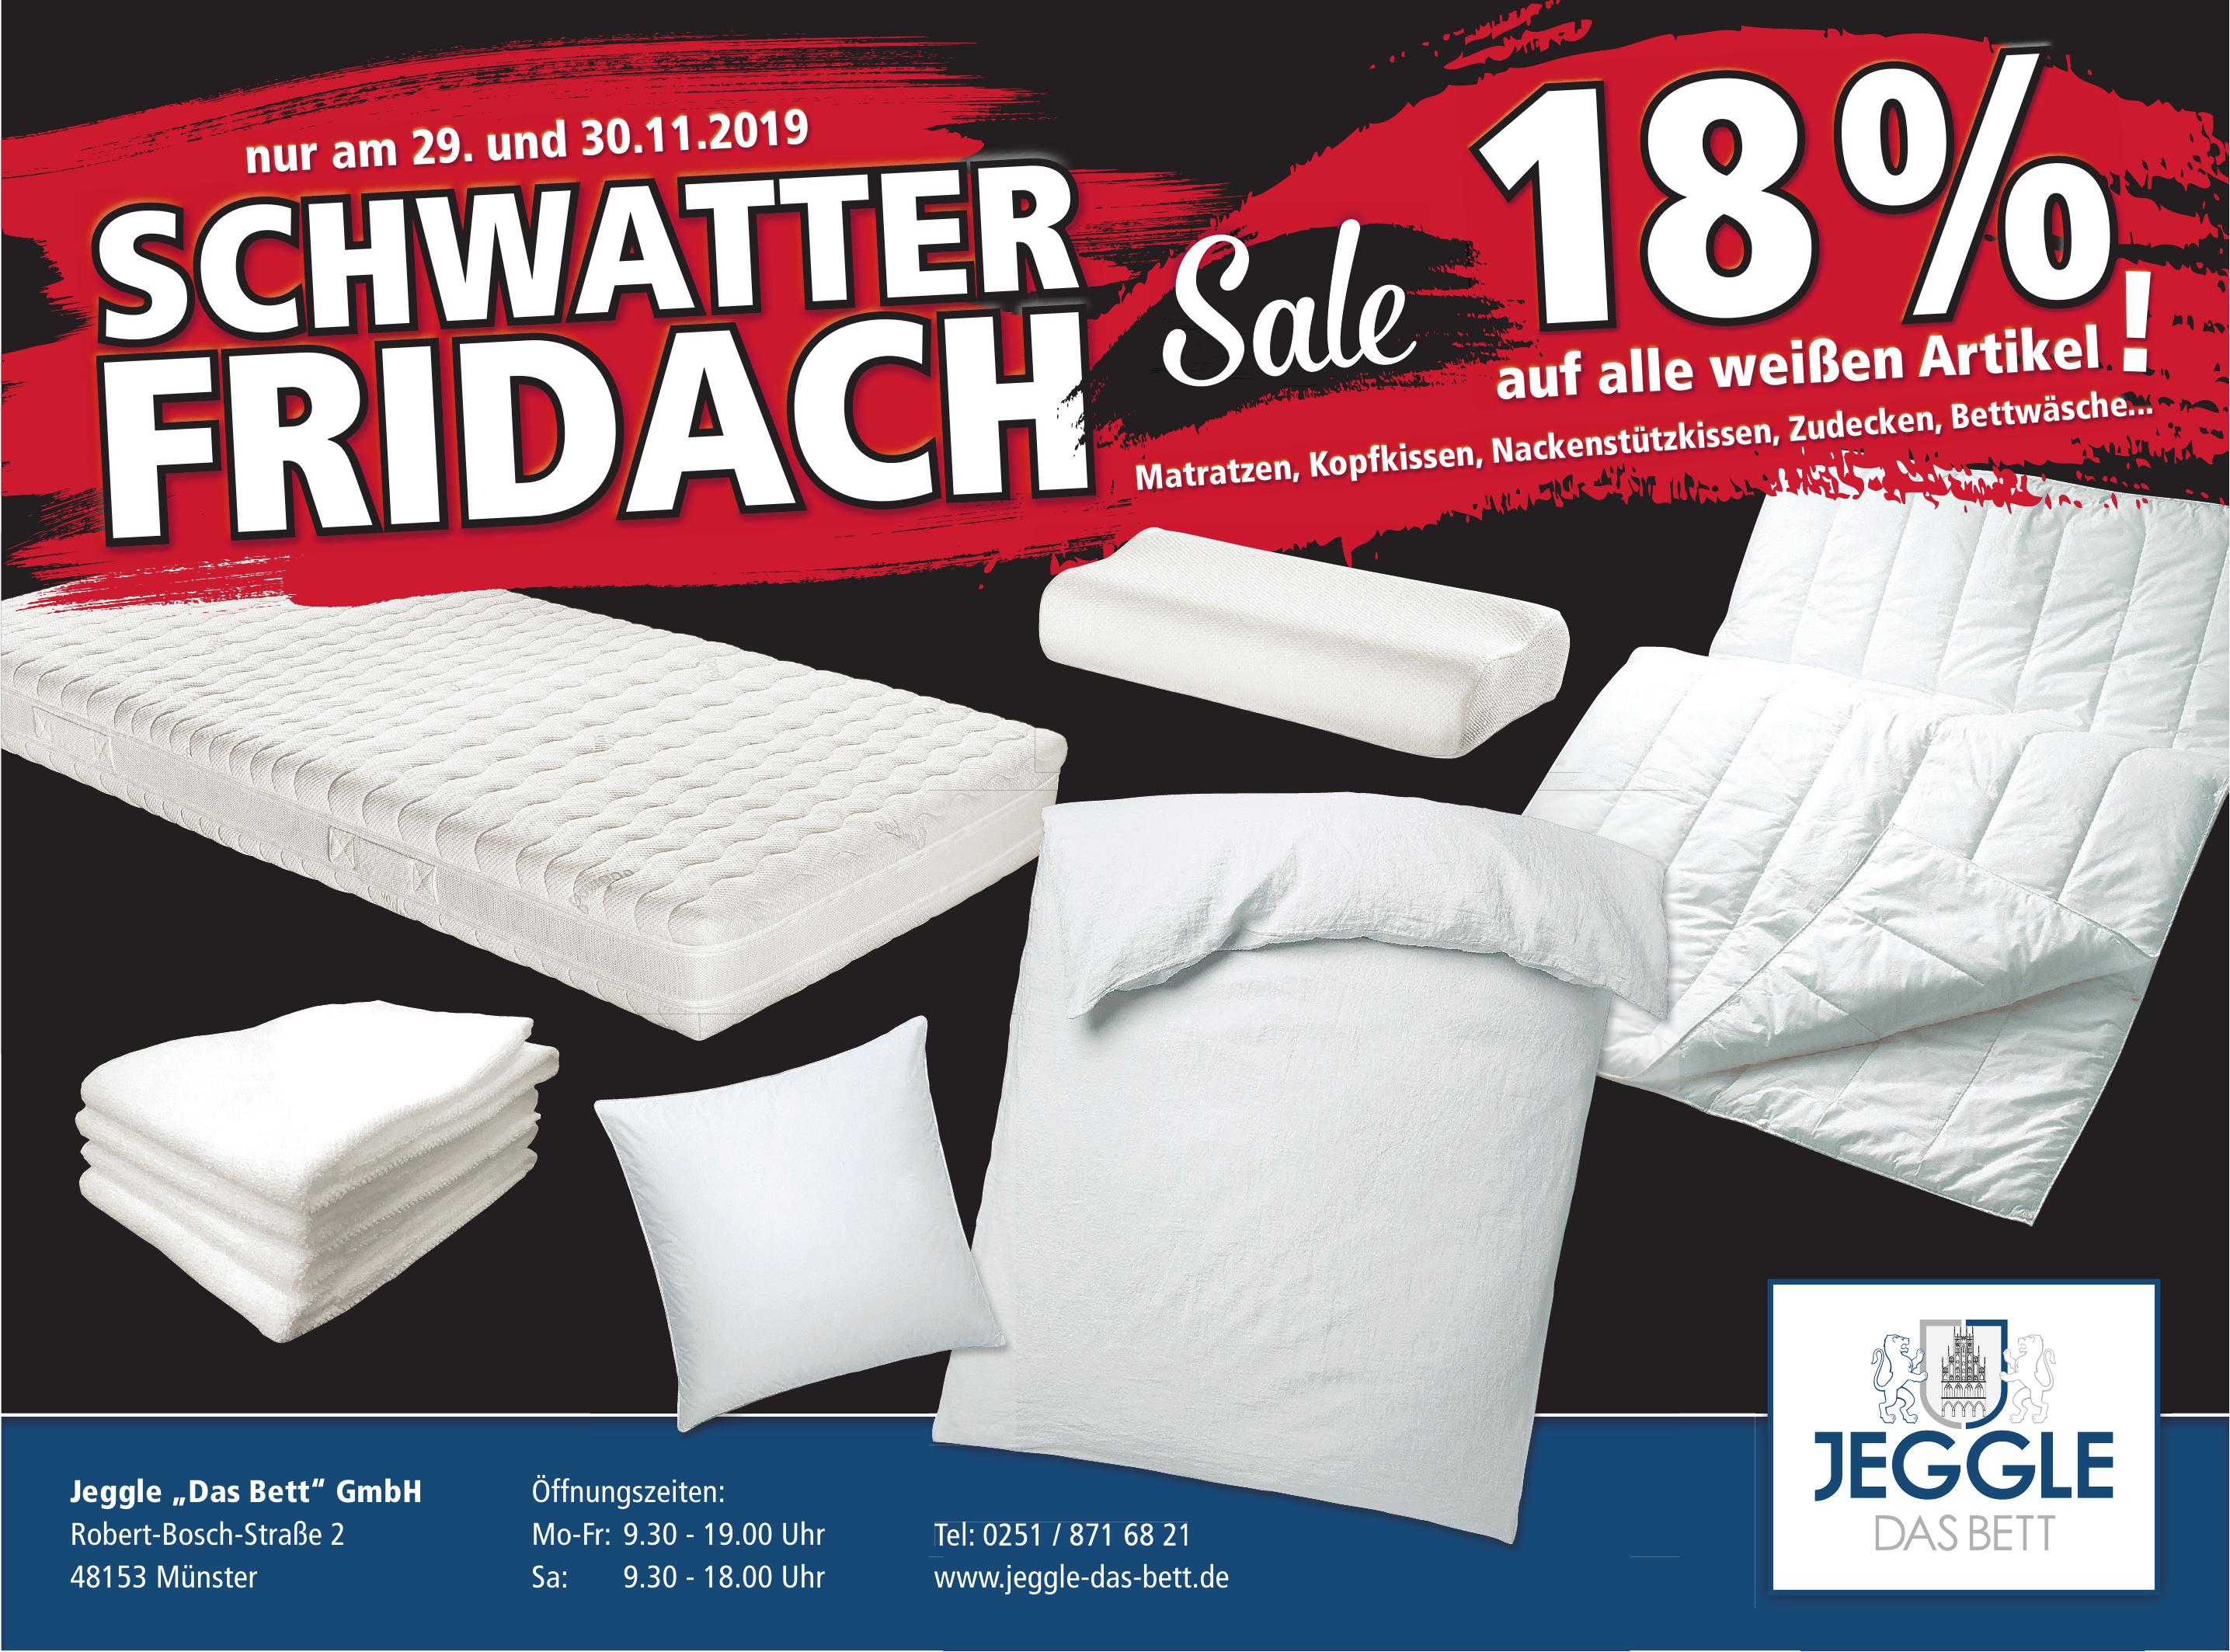 """Jeggle """"Das Bett"""" GmbH"""